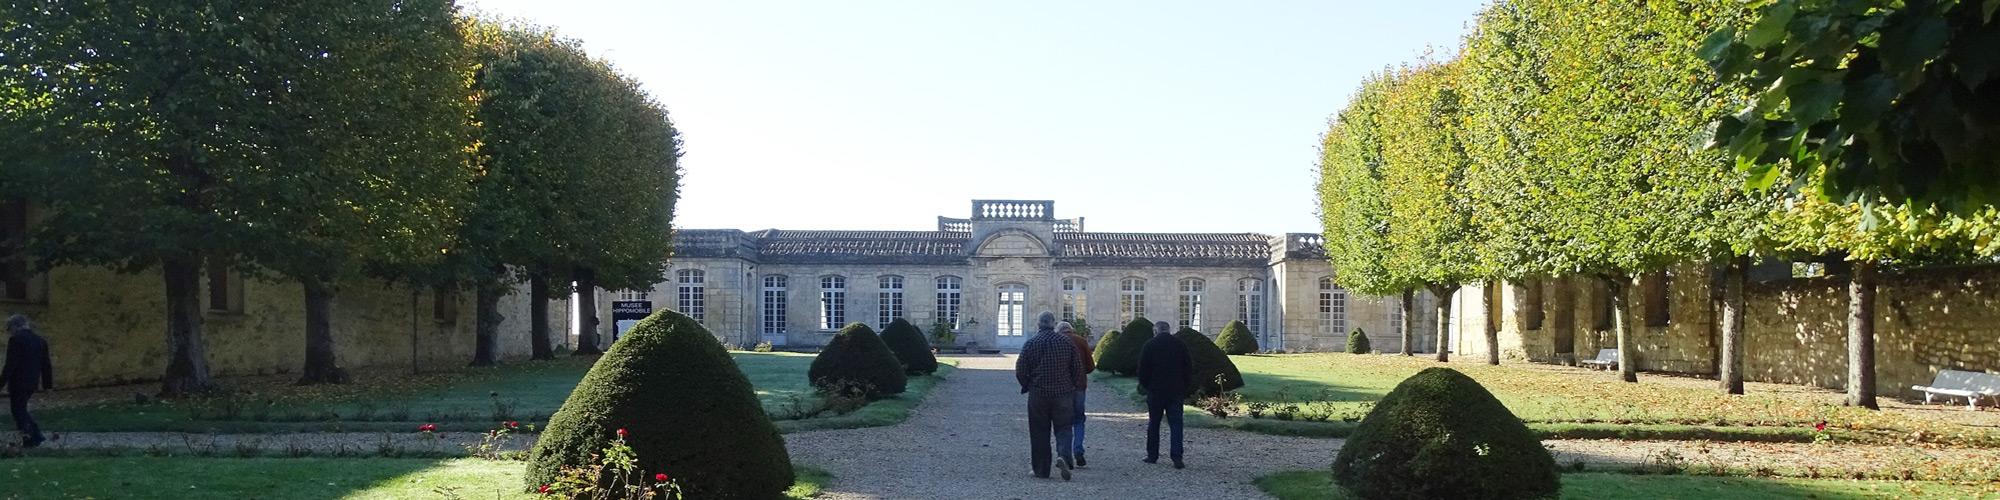 Bourg-gironde-citadelle